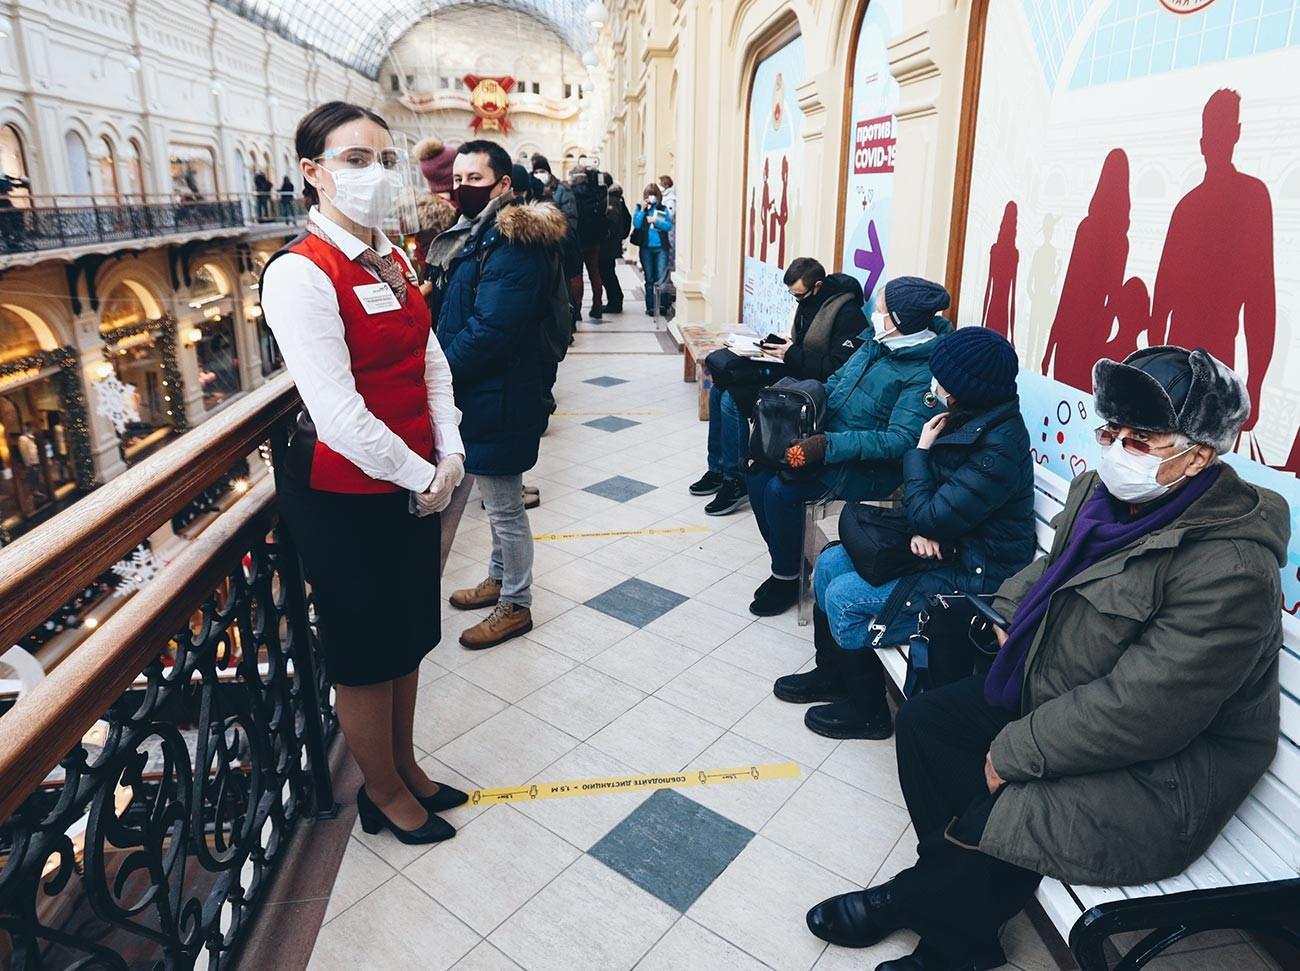 Gente in coda per farsi vaccinari nei grandi magazzini GUM in Piazza Rossa a Mosca